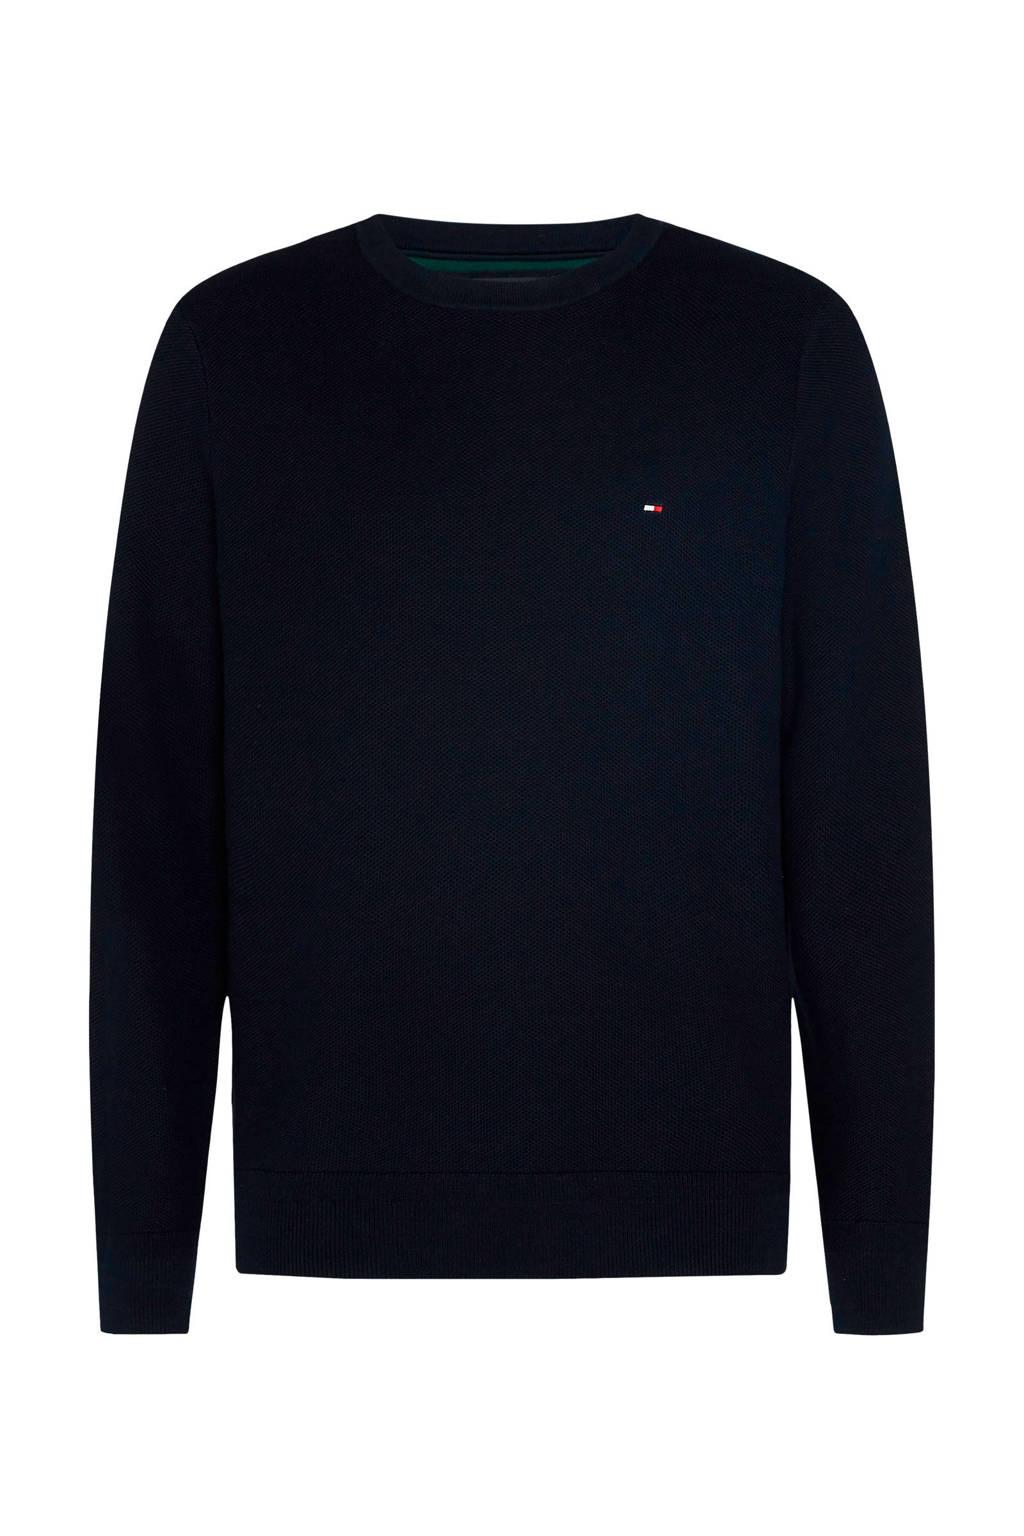 Tommy Hilfiger Big & Tall +size fijngebreide trui van biologisch katoen donkerblauw, Donkerblauw